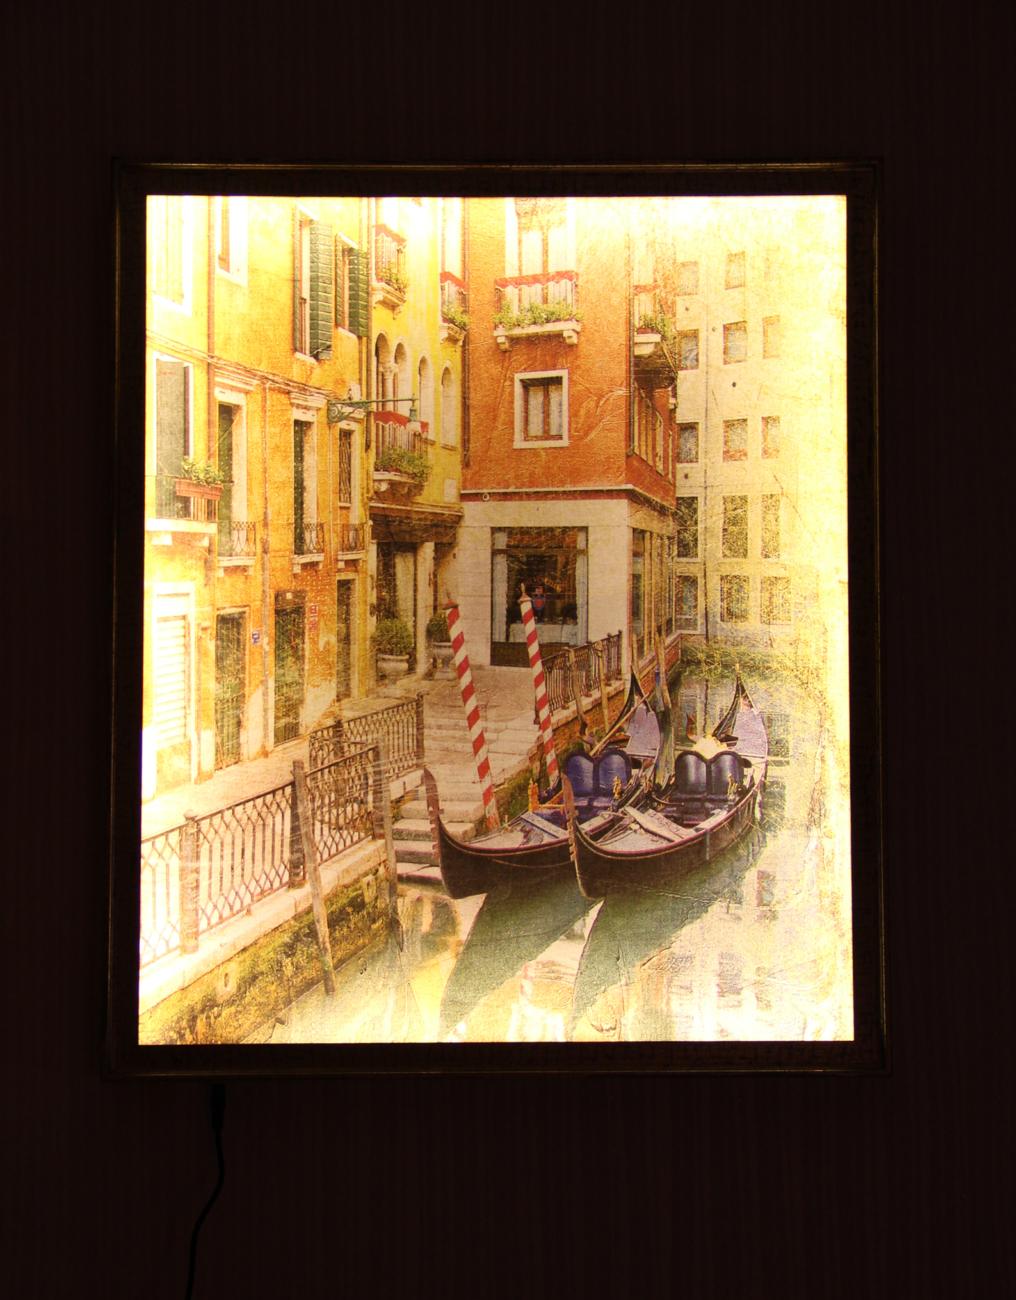 Каналы венеция - ночь